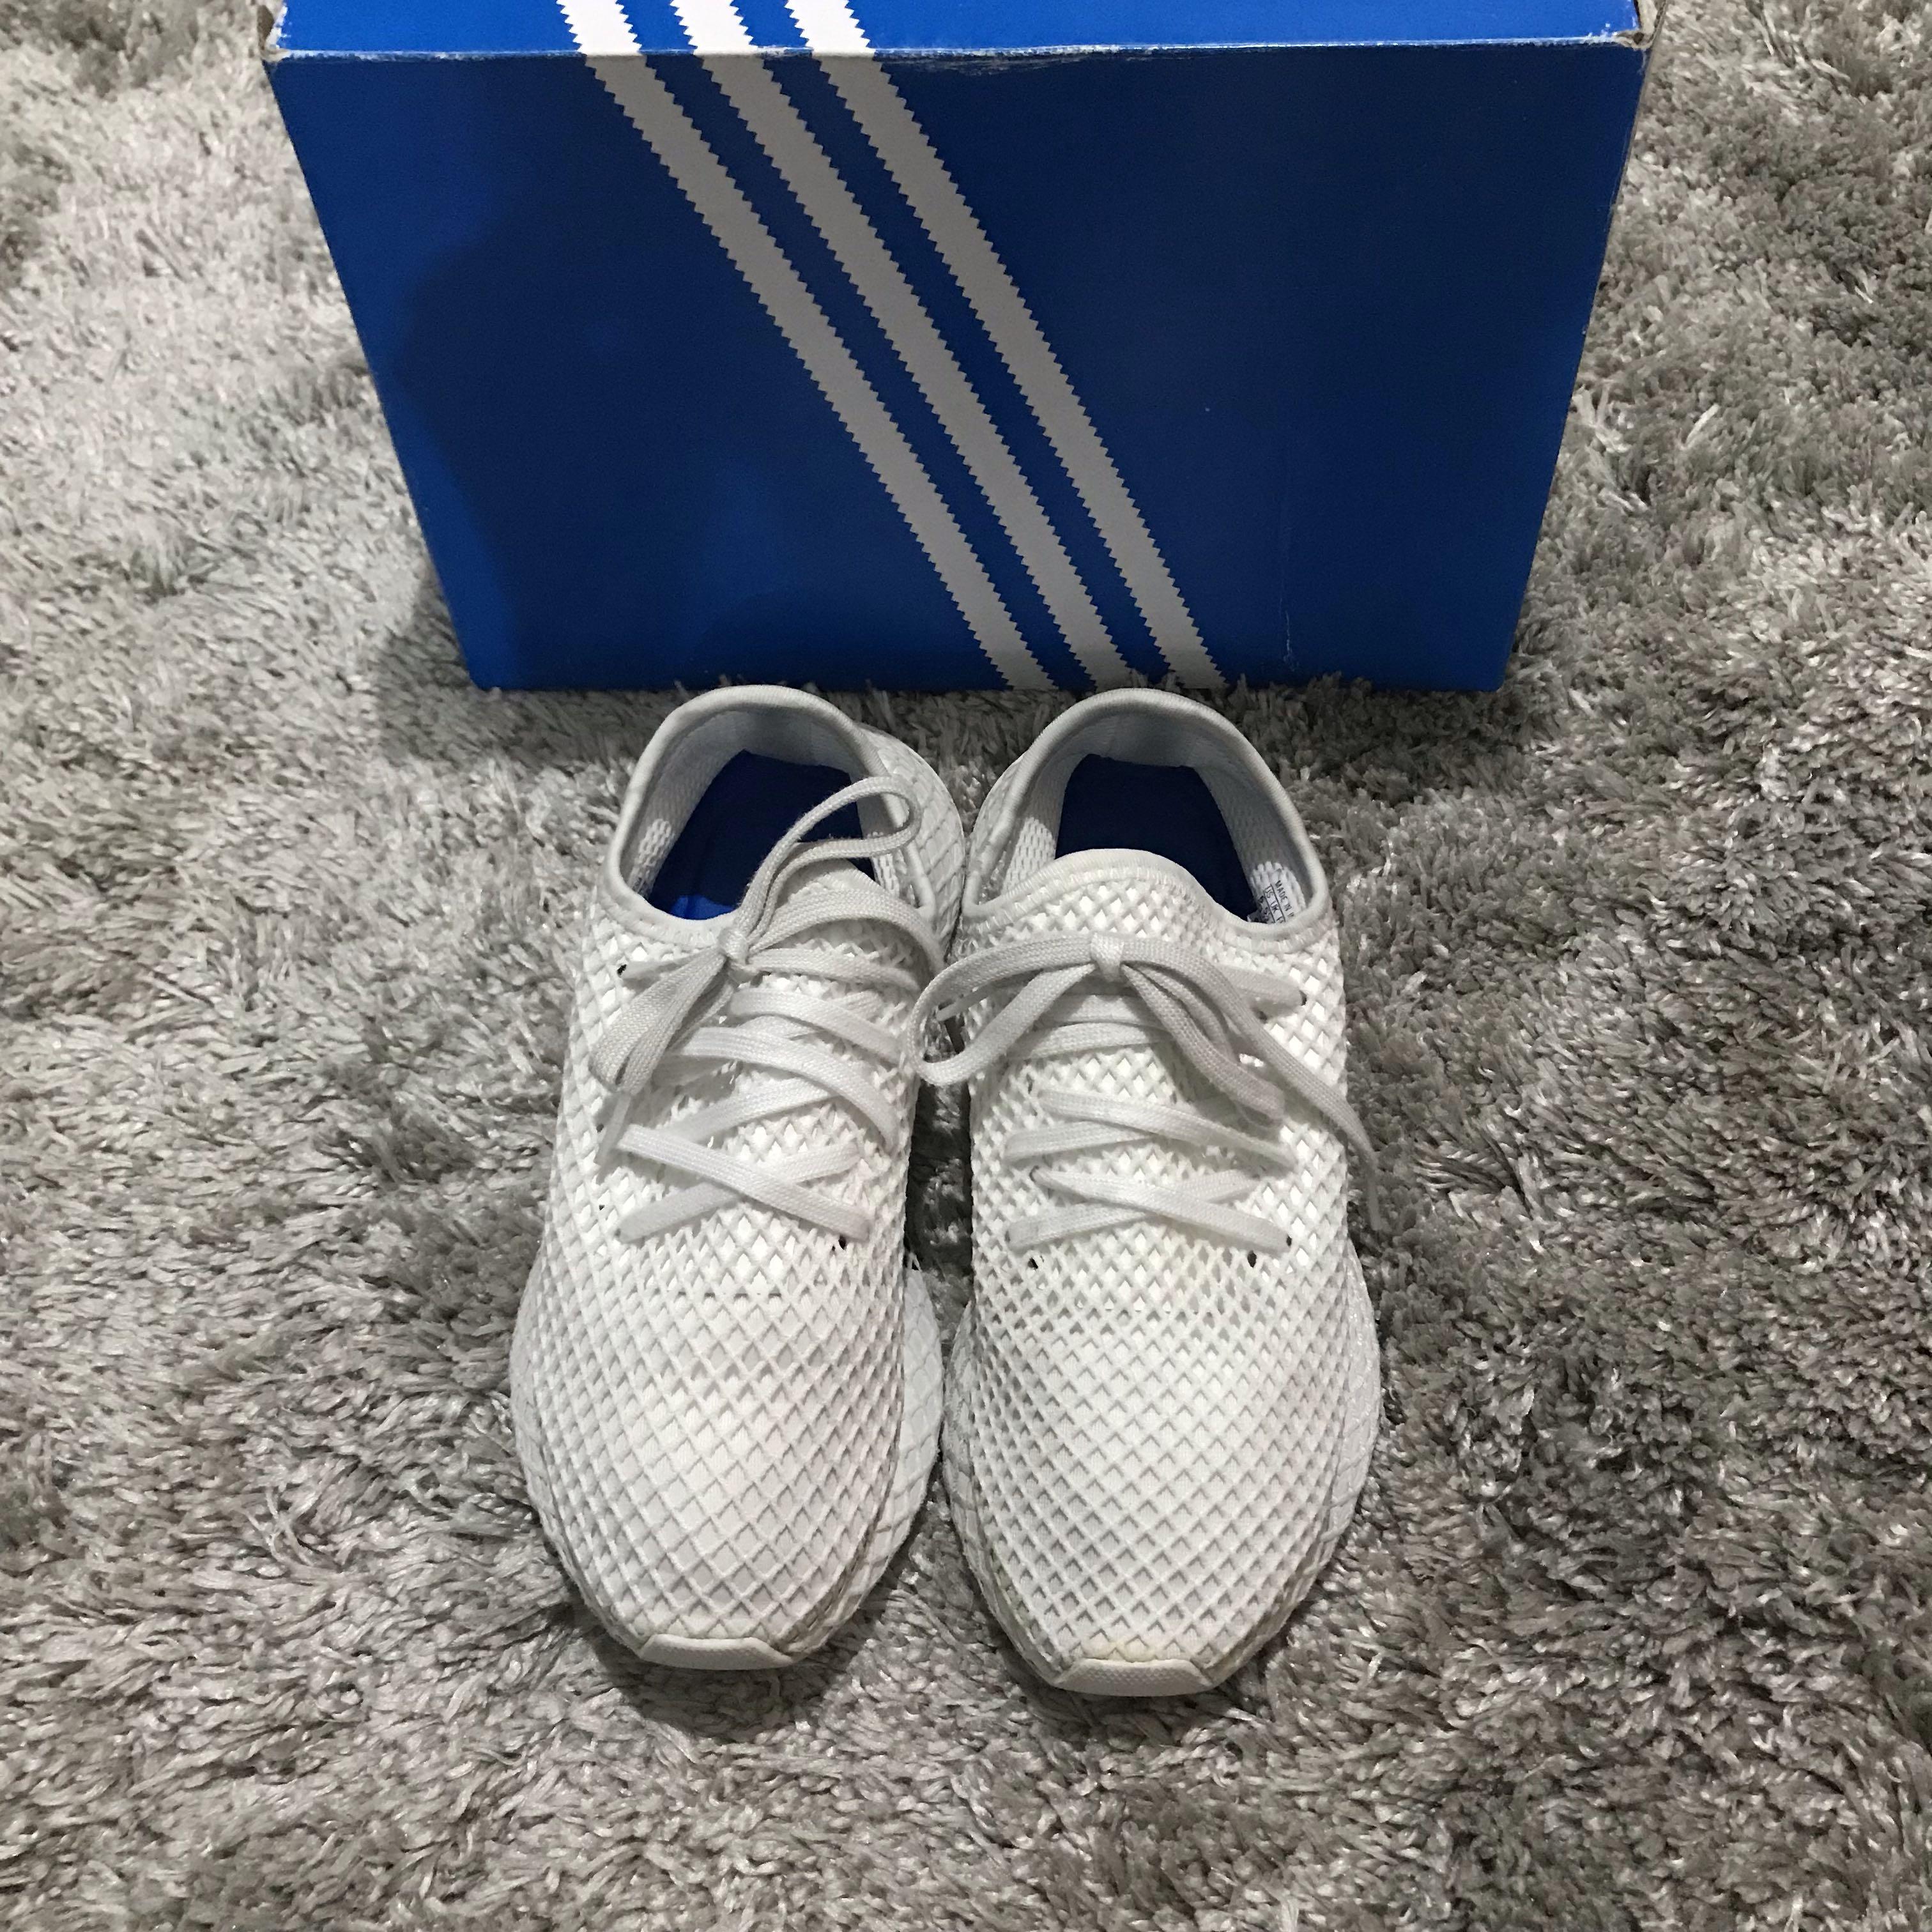 0a37d3b047b1a Adidas NMD Deerupt Runner White Sneaker